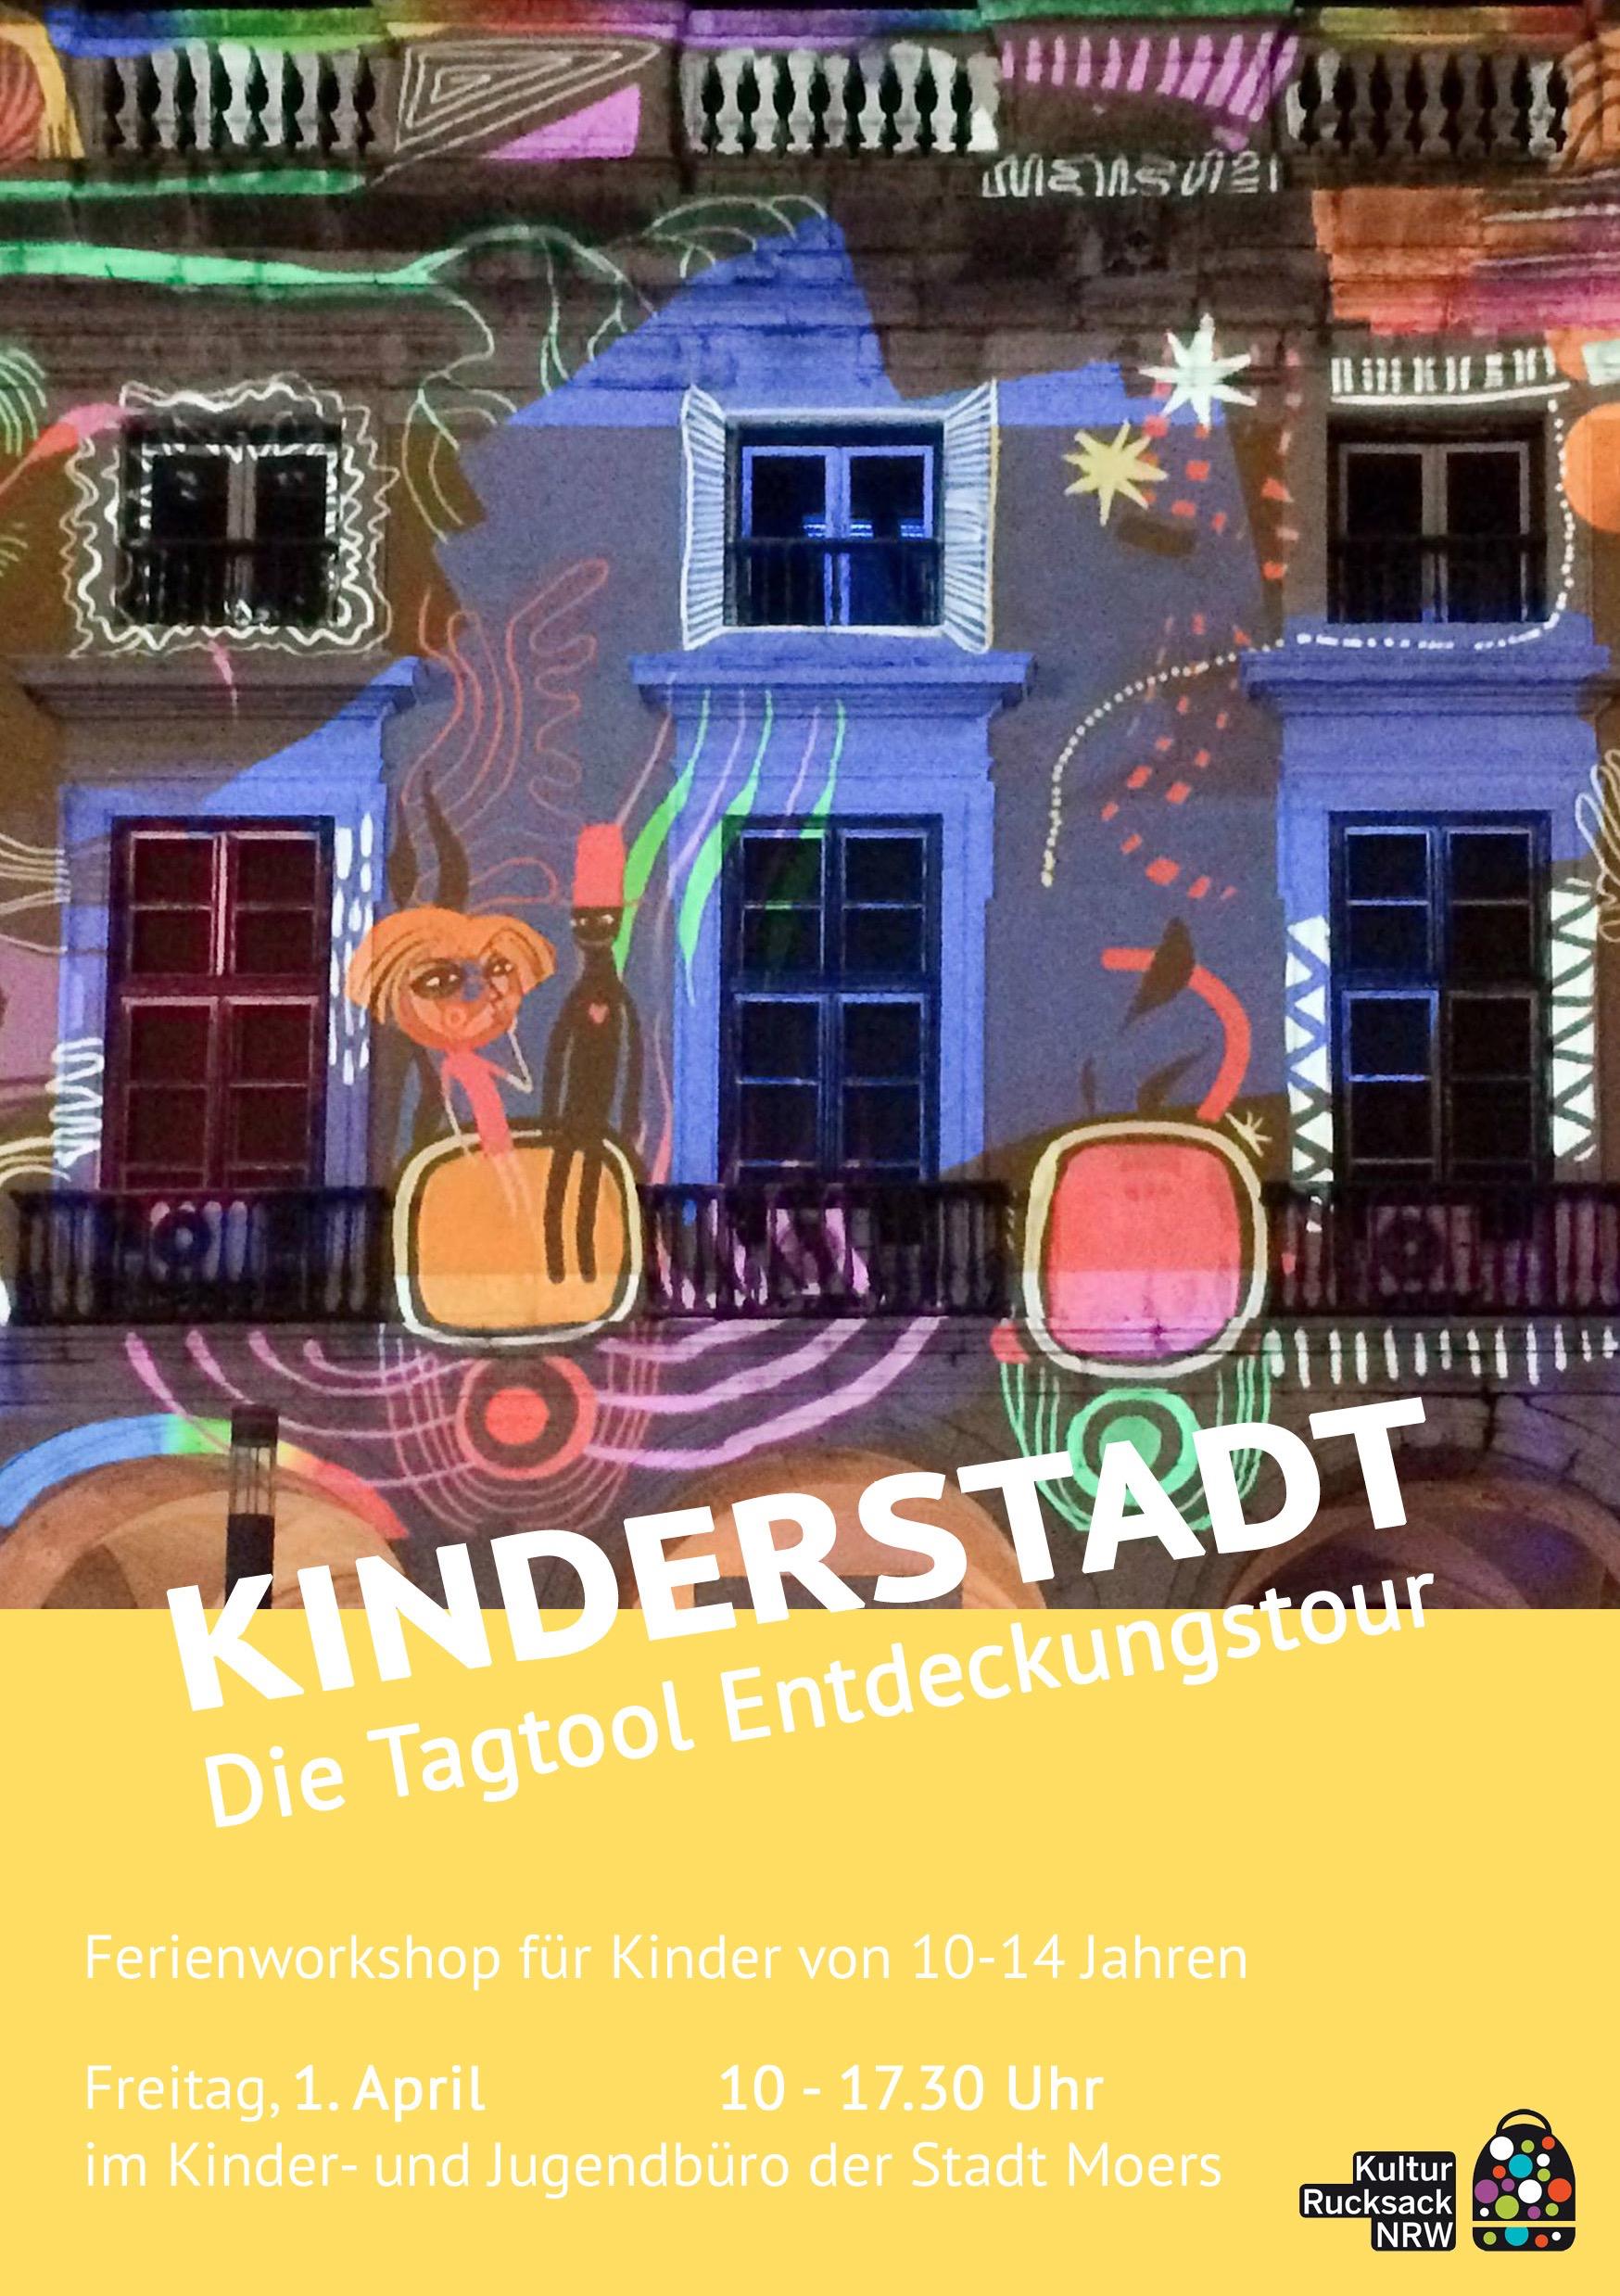 Kulturrucksack Moers – Kinderstadt – die Tagtool Entdeckungstour